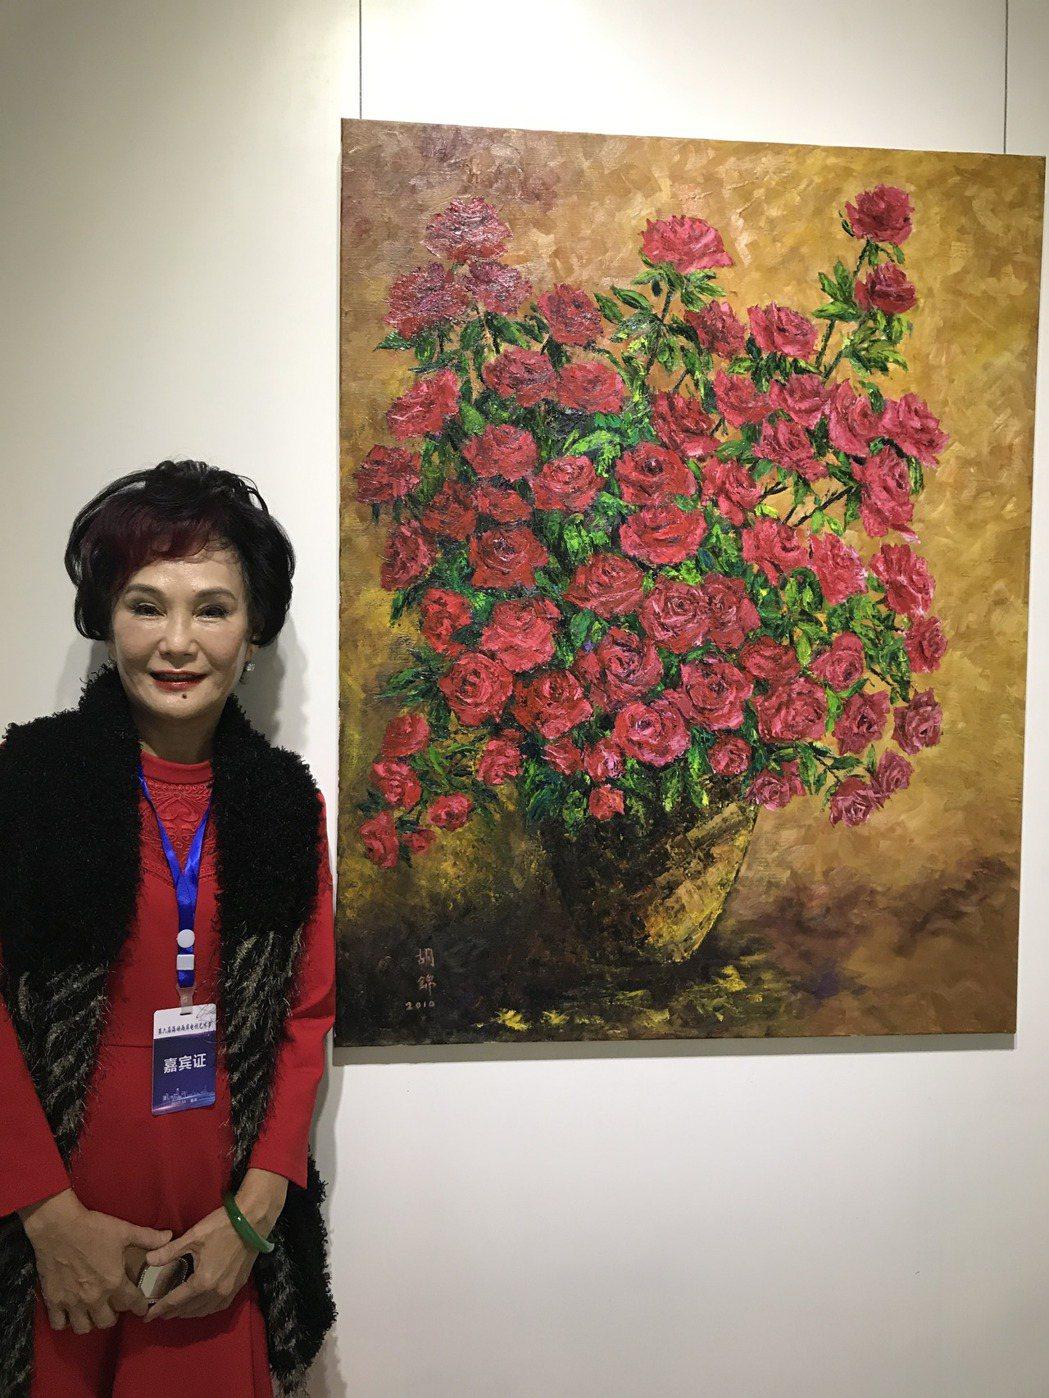 胡錦出席重慶兩岸電視節書畫展,氣色不錯。記者楊起鳳/攝影